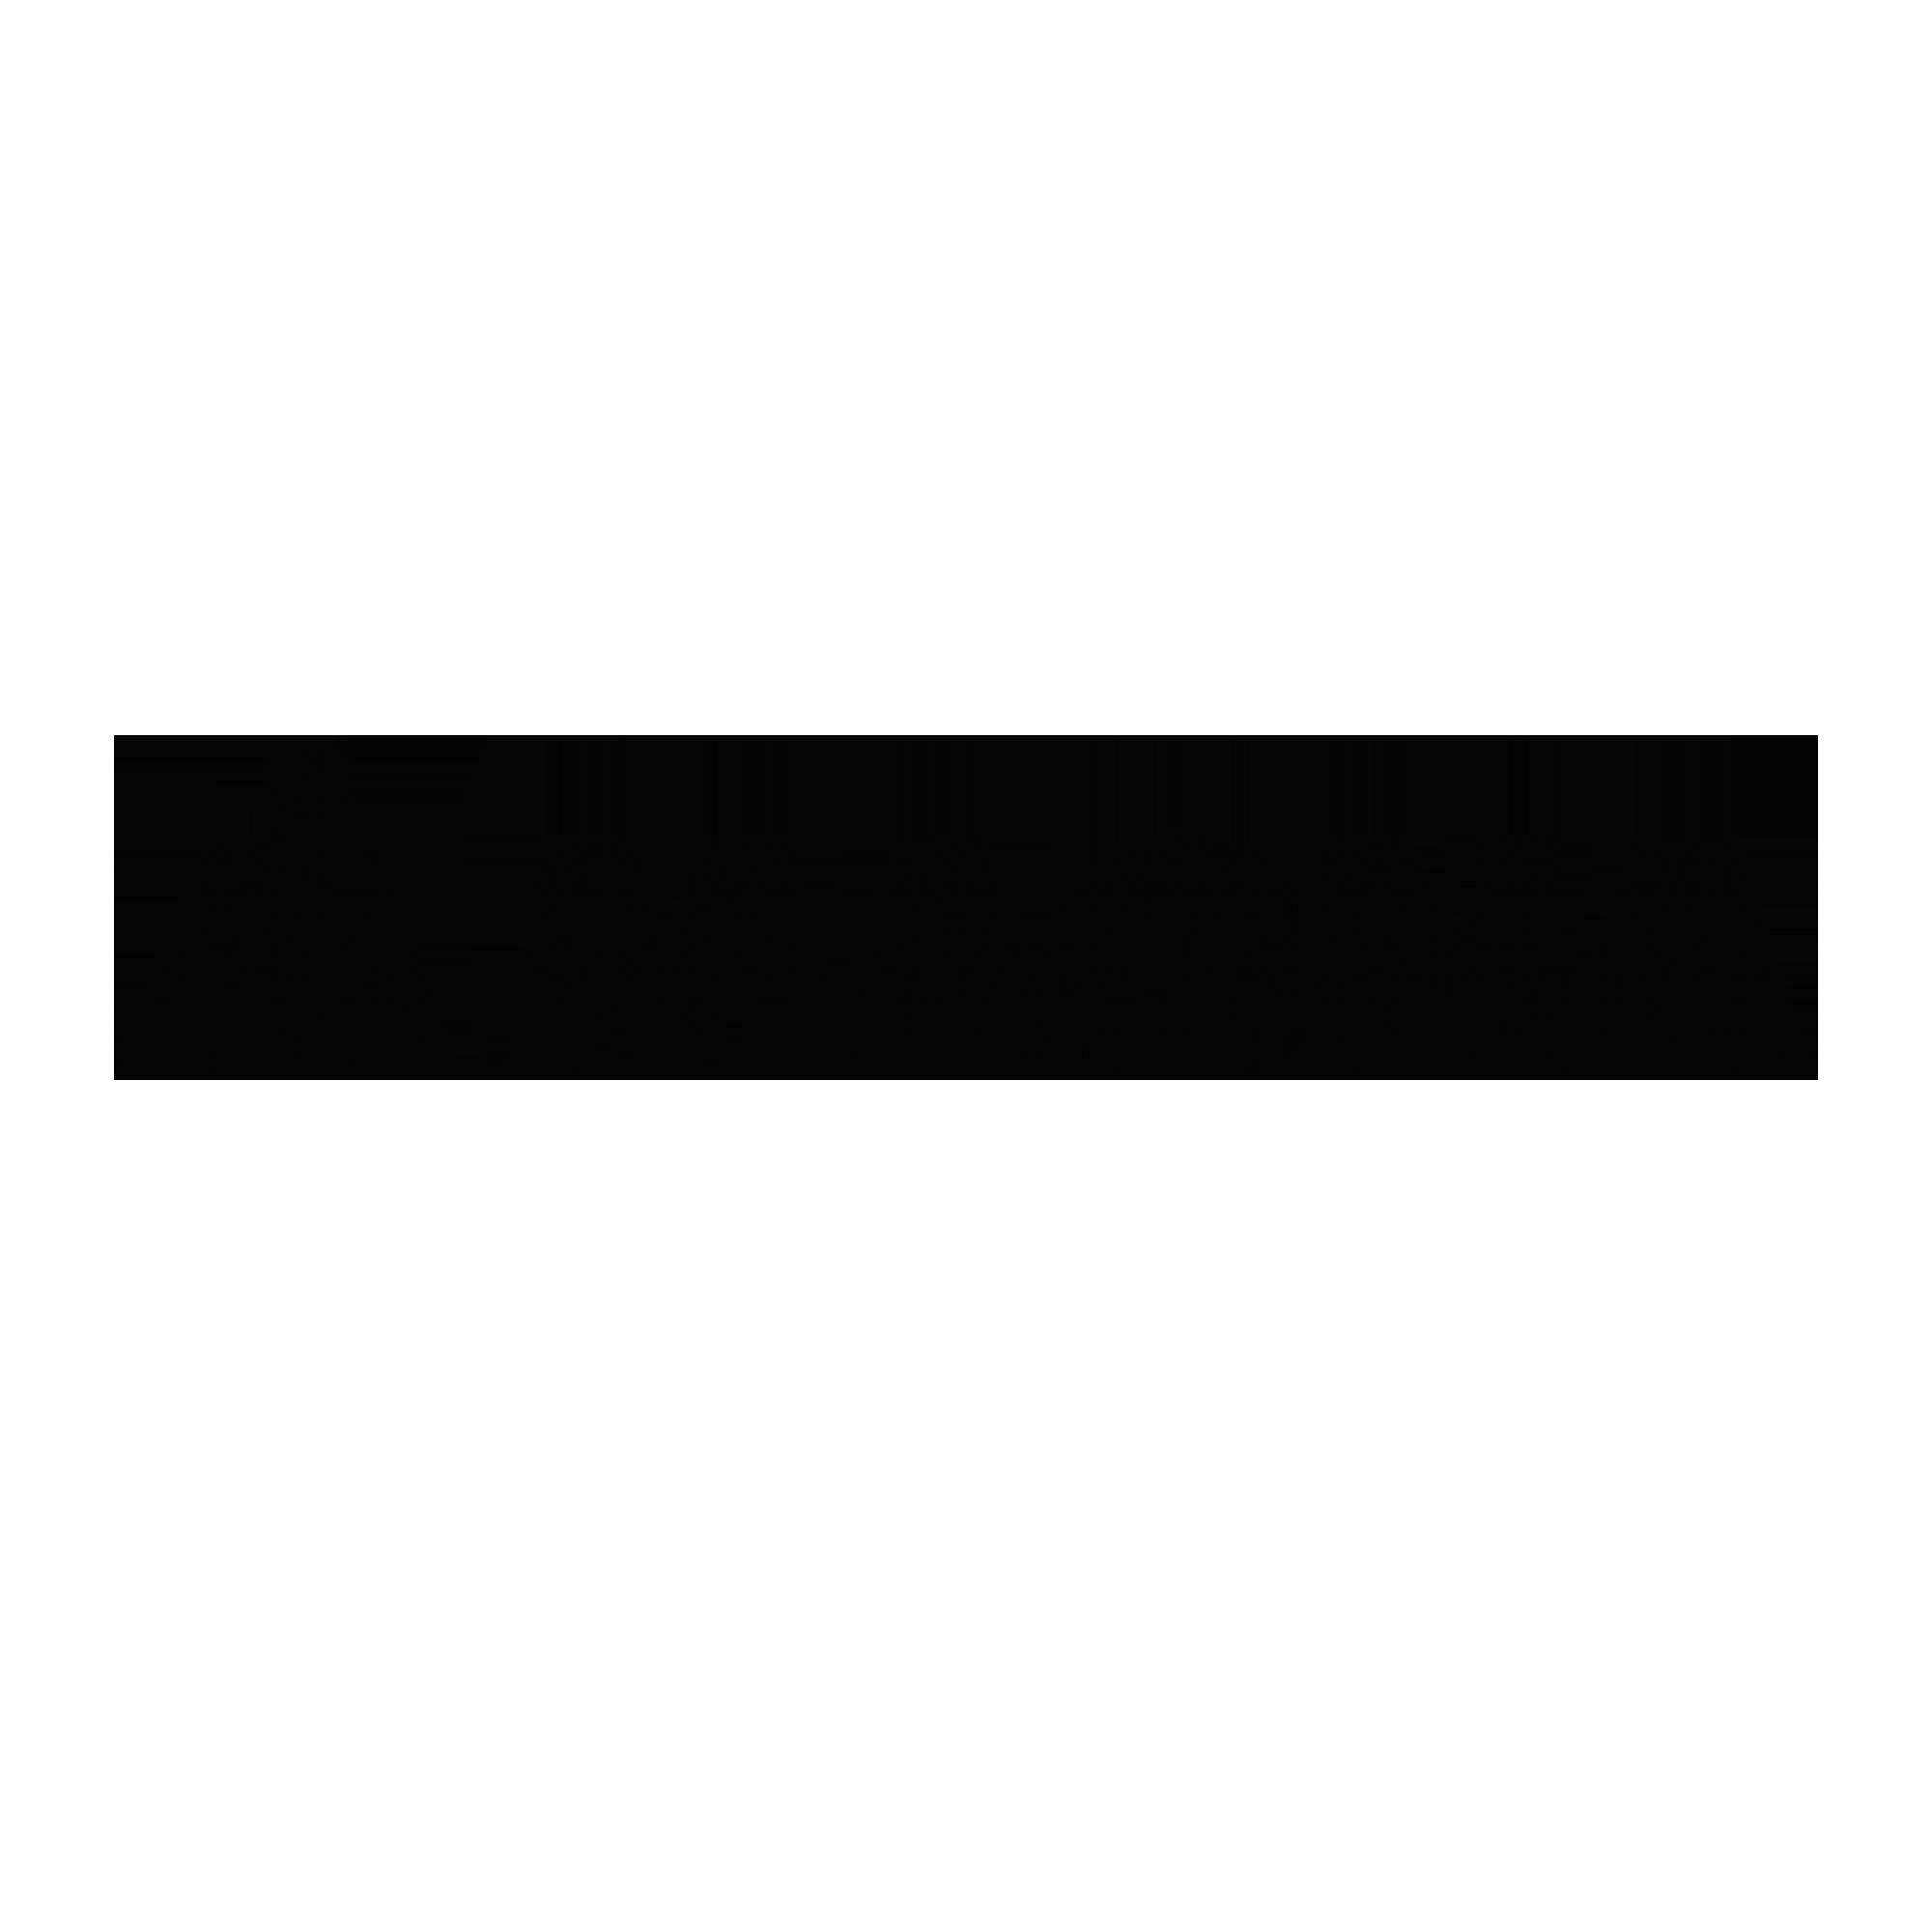 www.magna.com